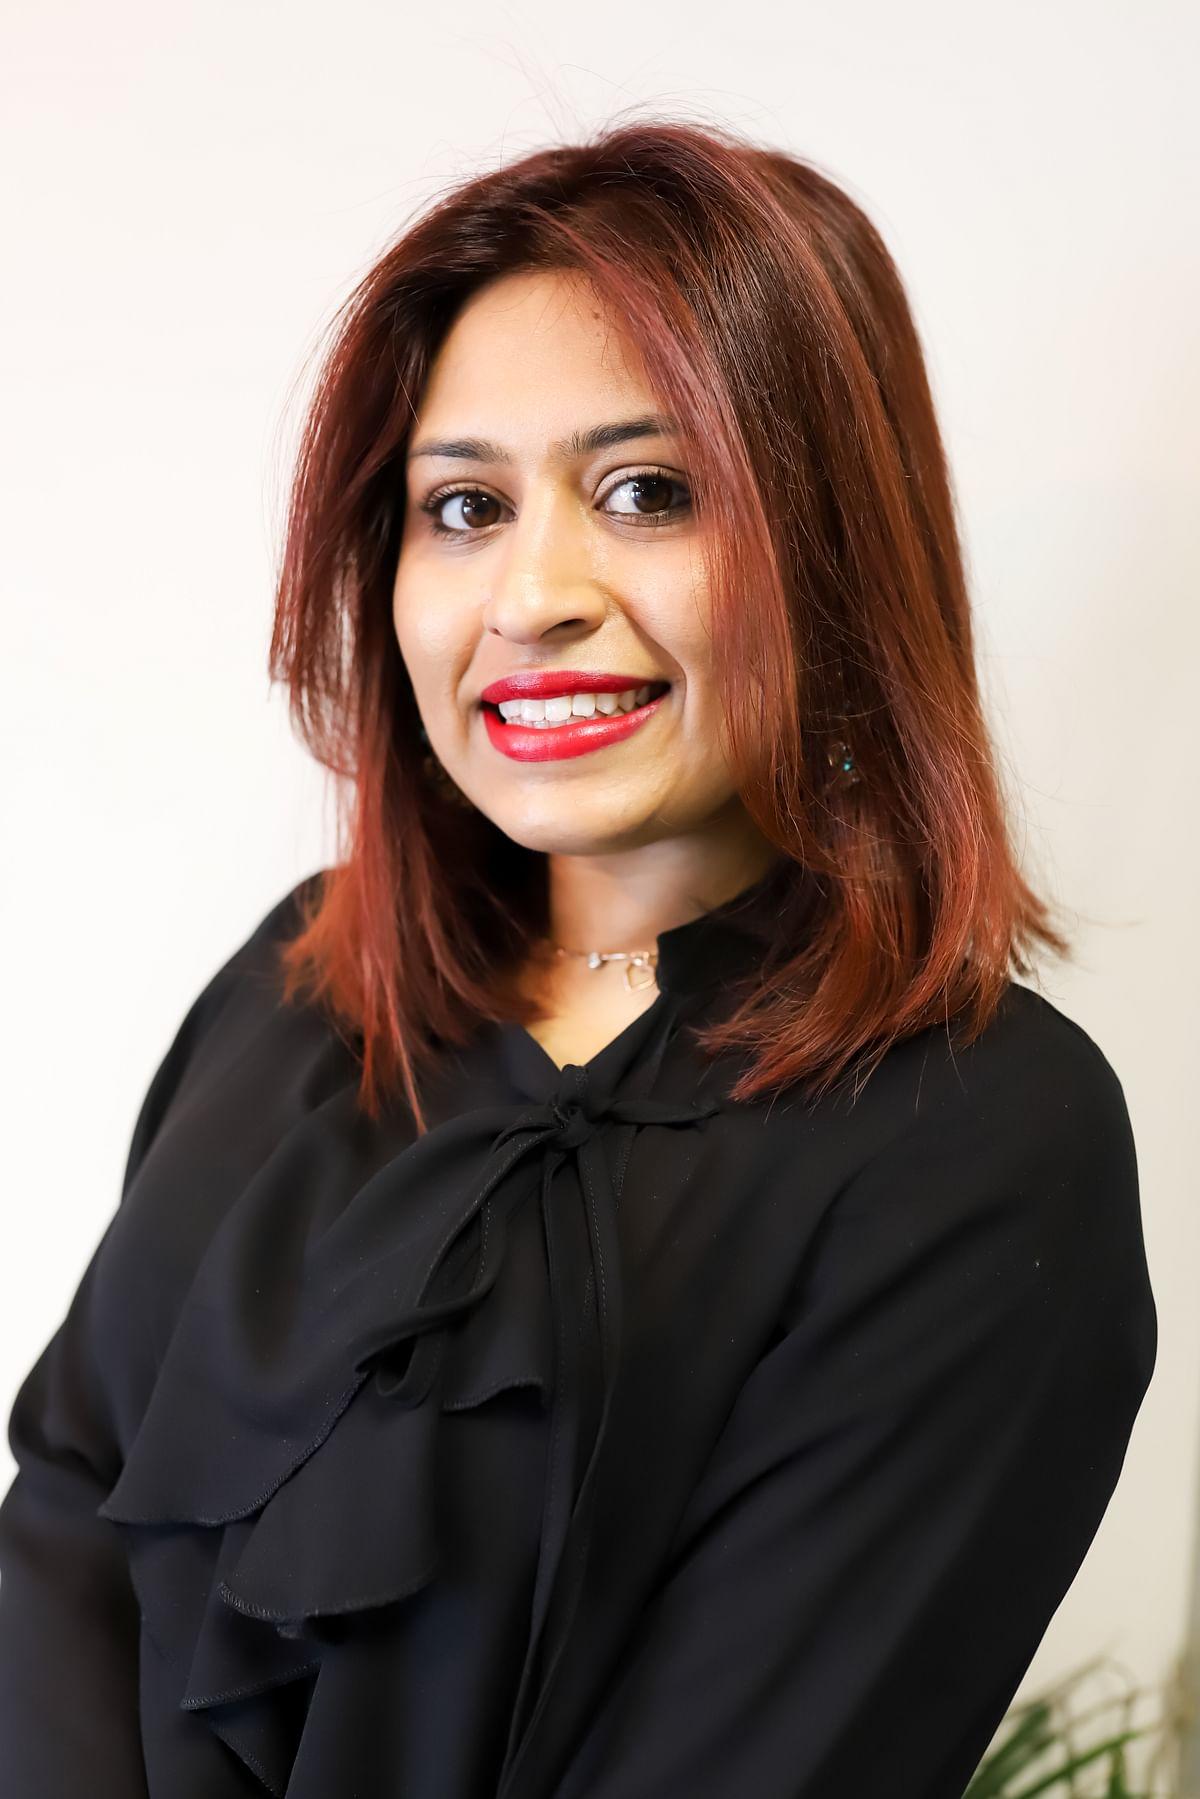 Taazima Kala-Essack